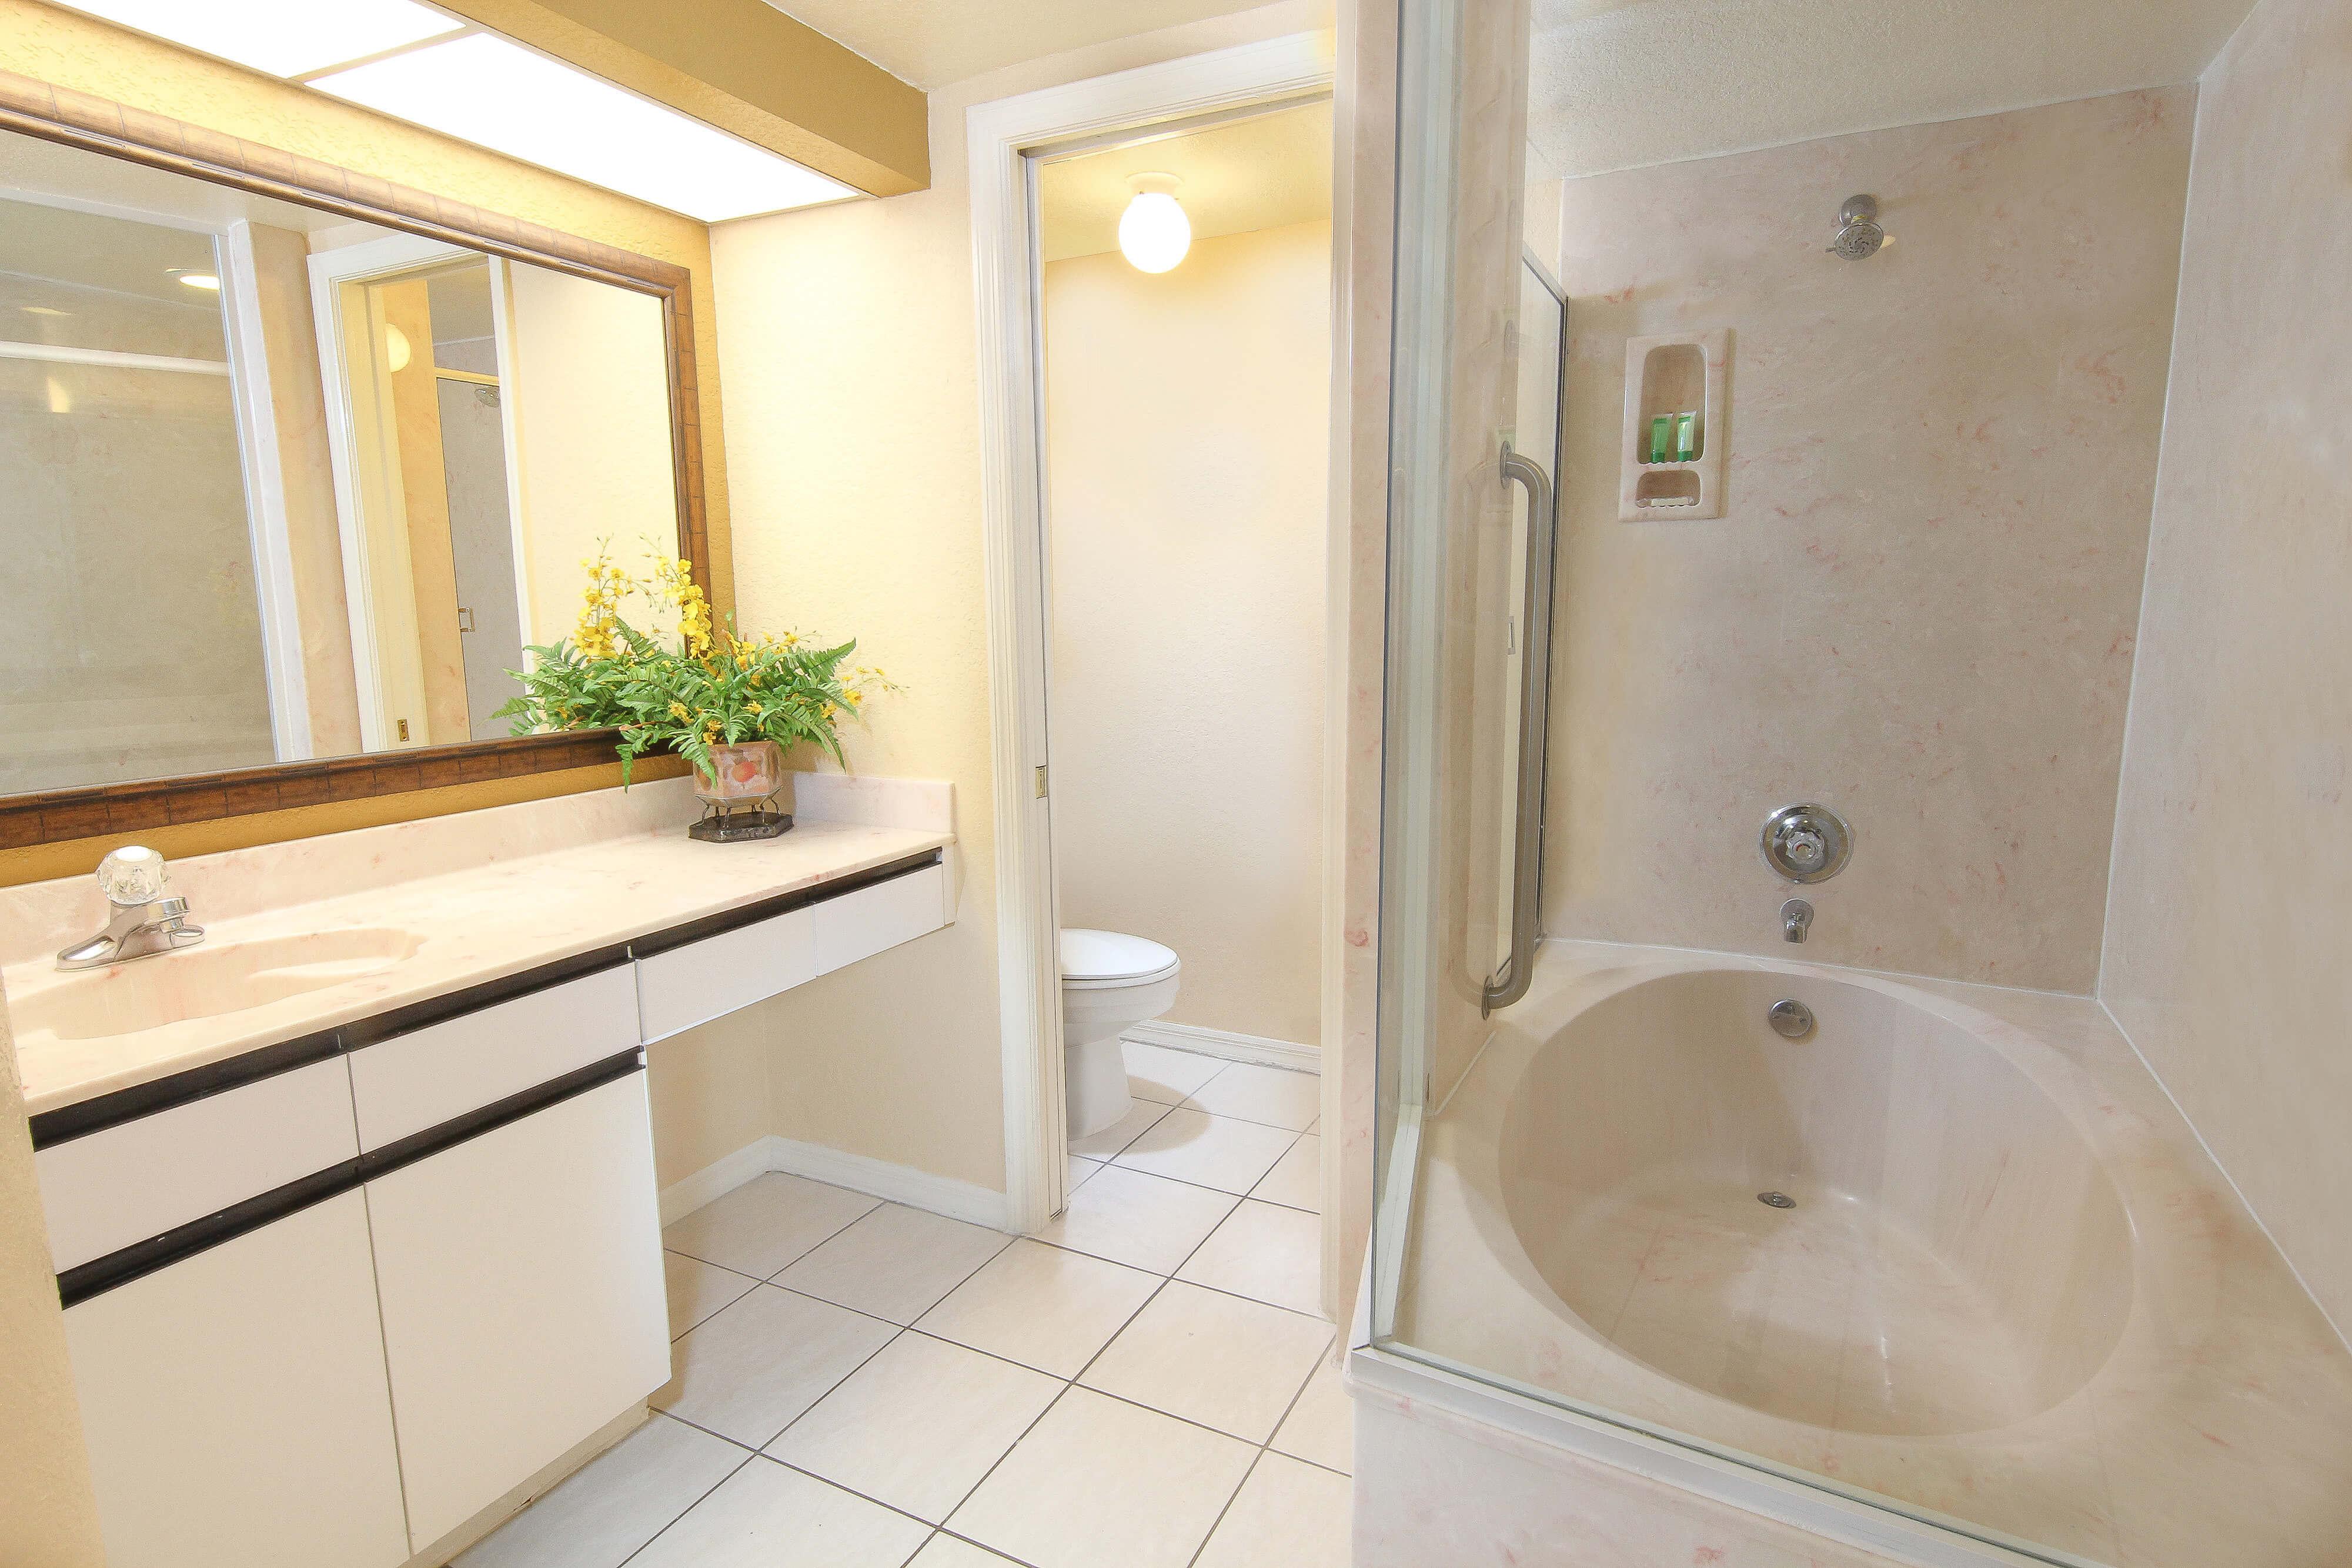 Two-Bedroom Deluxe Villa Bathroom | Westgate Vacation Villas Resort & Spa | Orlando, FL | Westgate Resorts